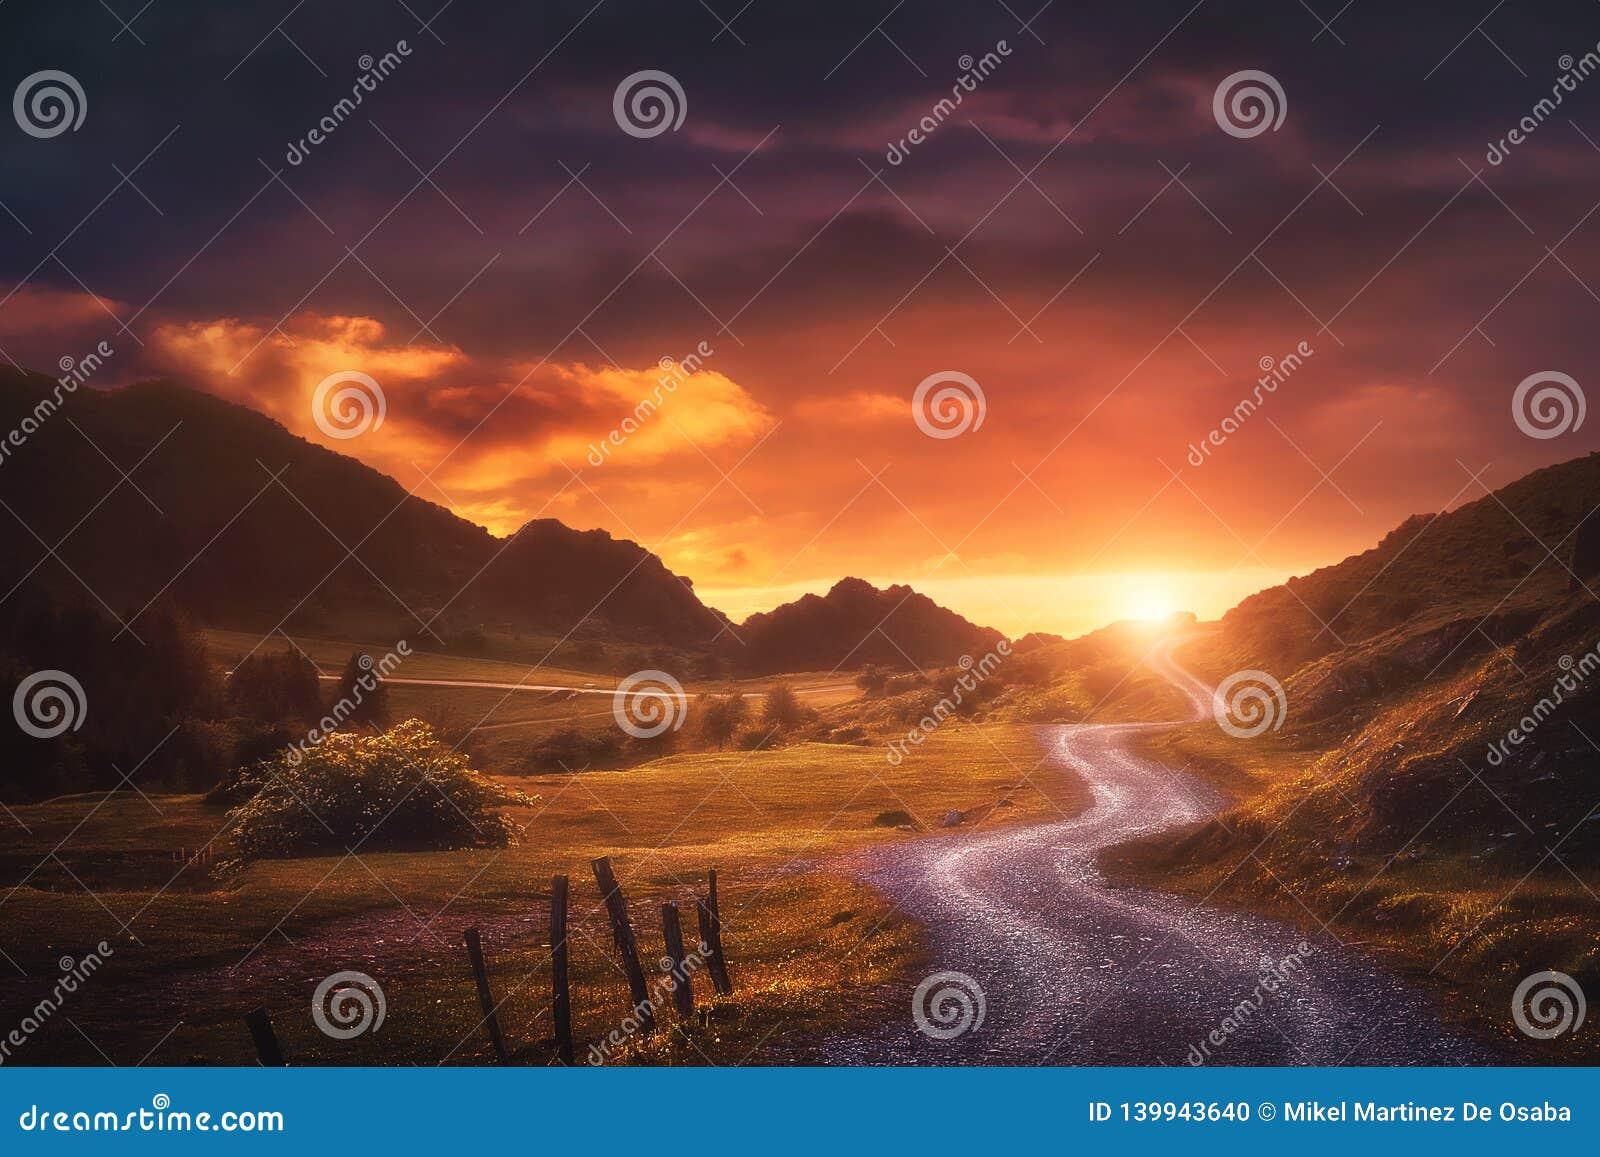 Fond de paysage avec le chemin dans Urkiola au coucher du soleil